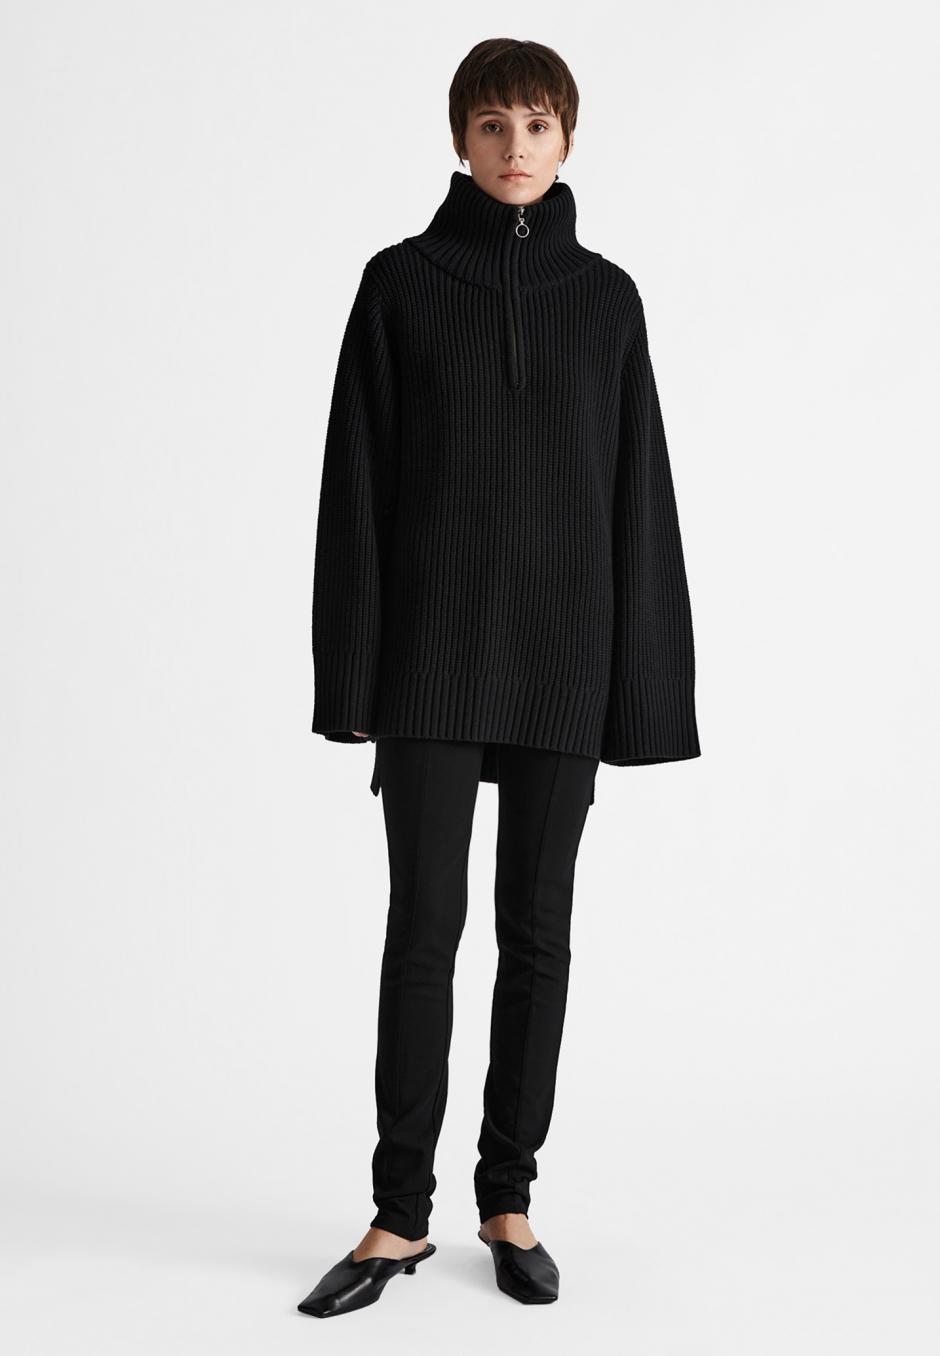 Stylein Alain Sweater